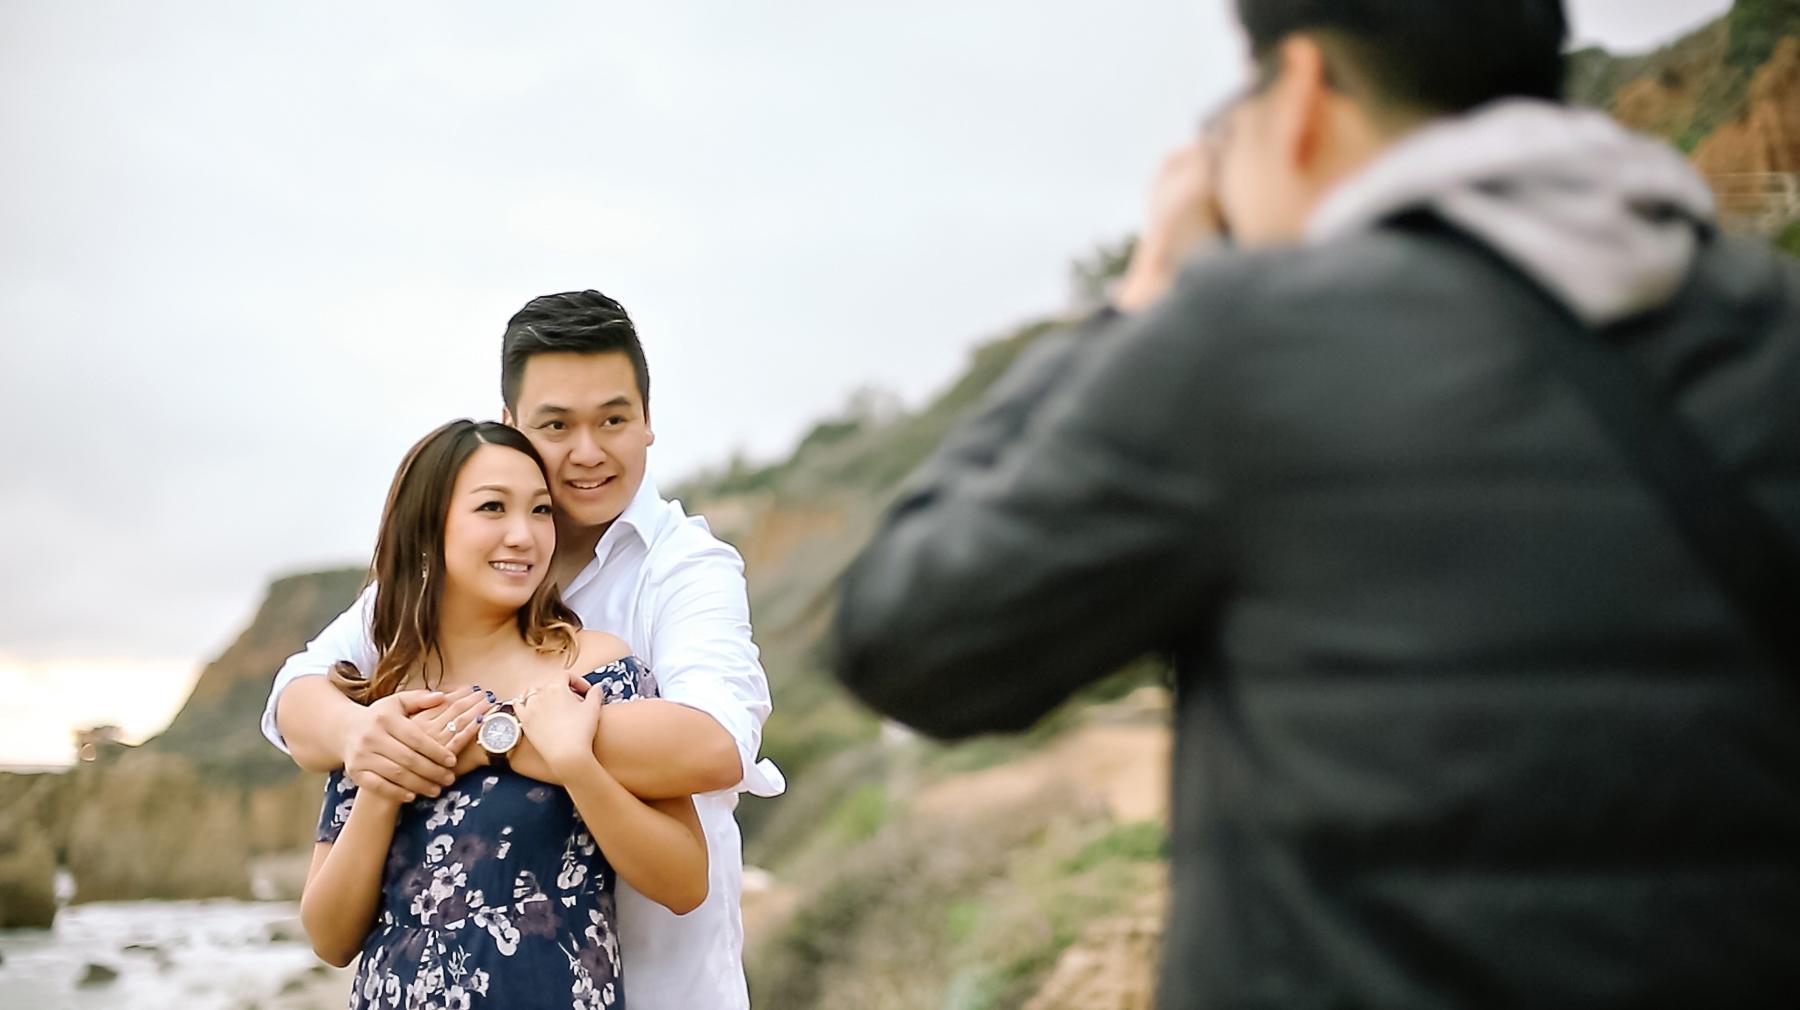 joeewong-destination-wedding-photographer-4A